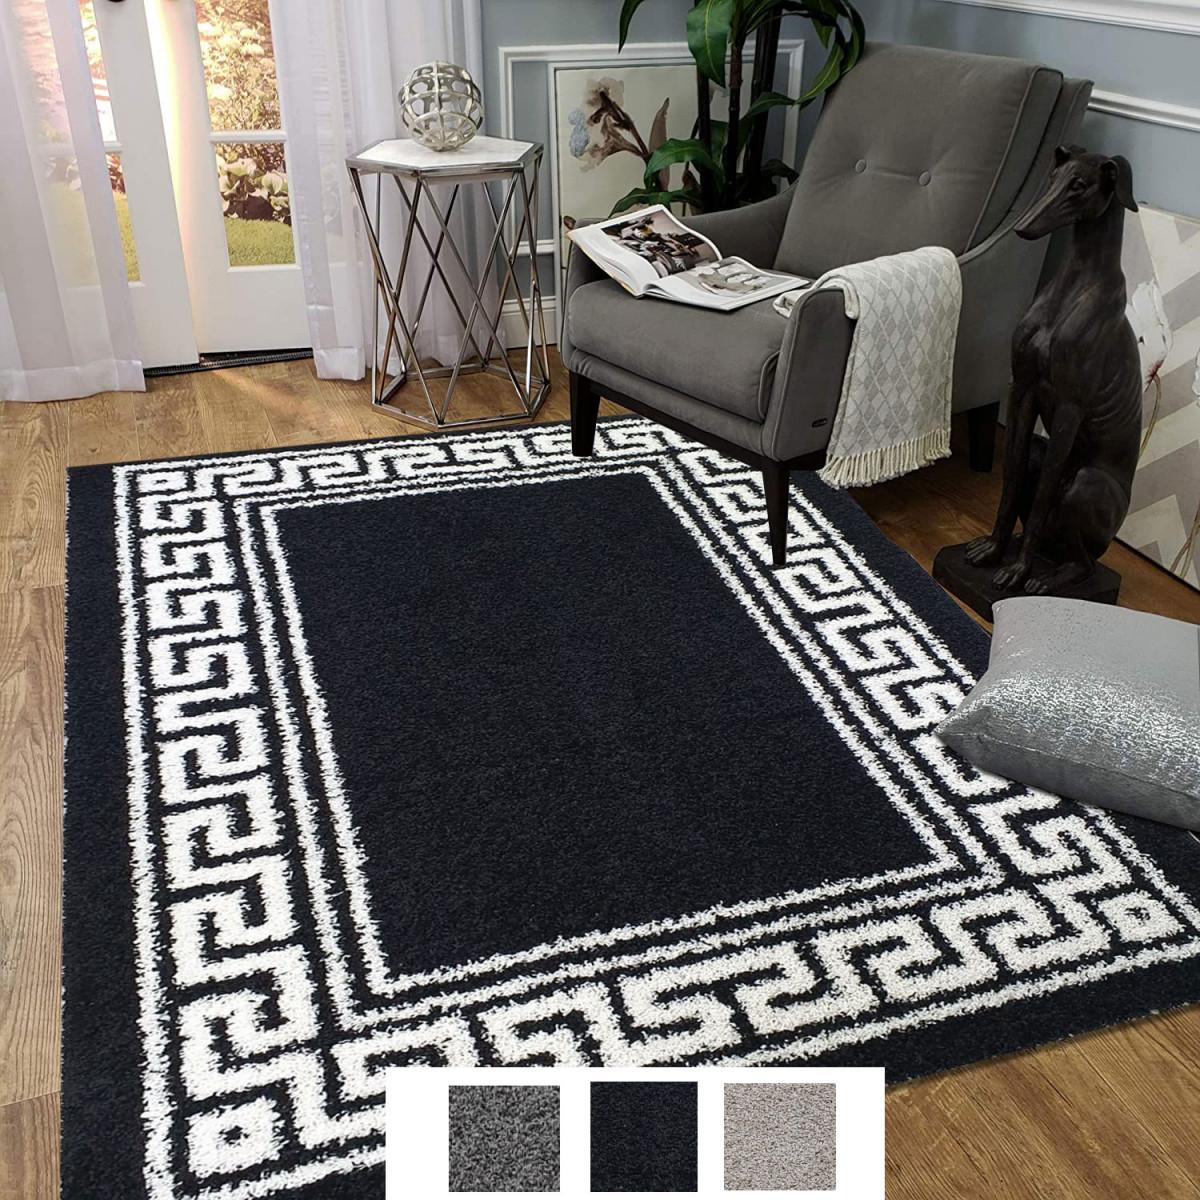 Shaggy Teppich Wohnzimmer Schwarz Hochflor Langflor Flauschig Modern Läufer von Wohnzimmer Teppich Schwarz Photo